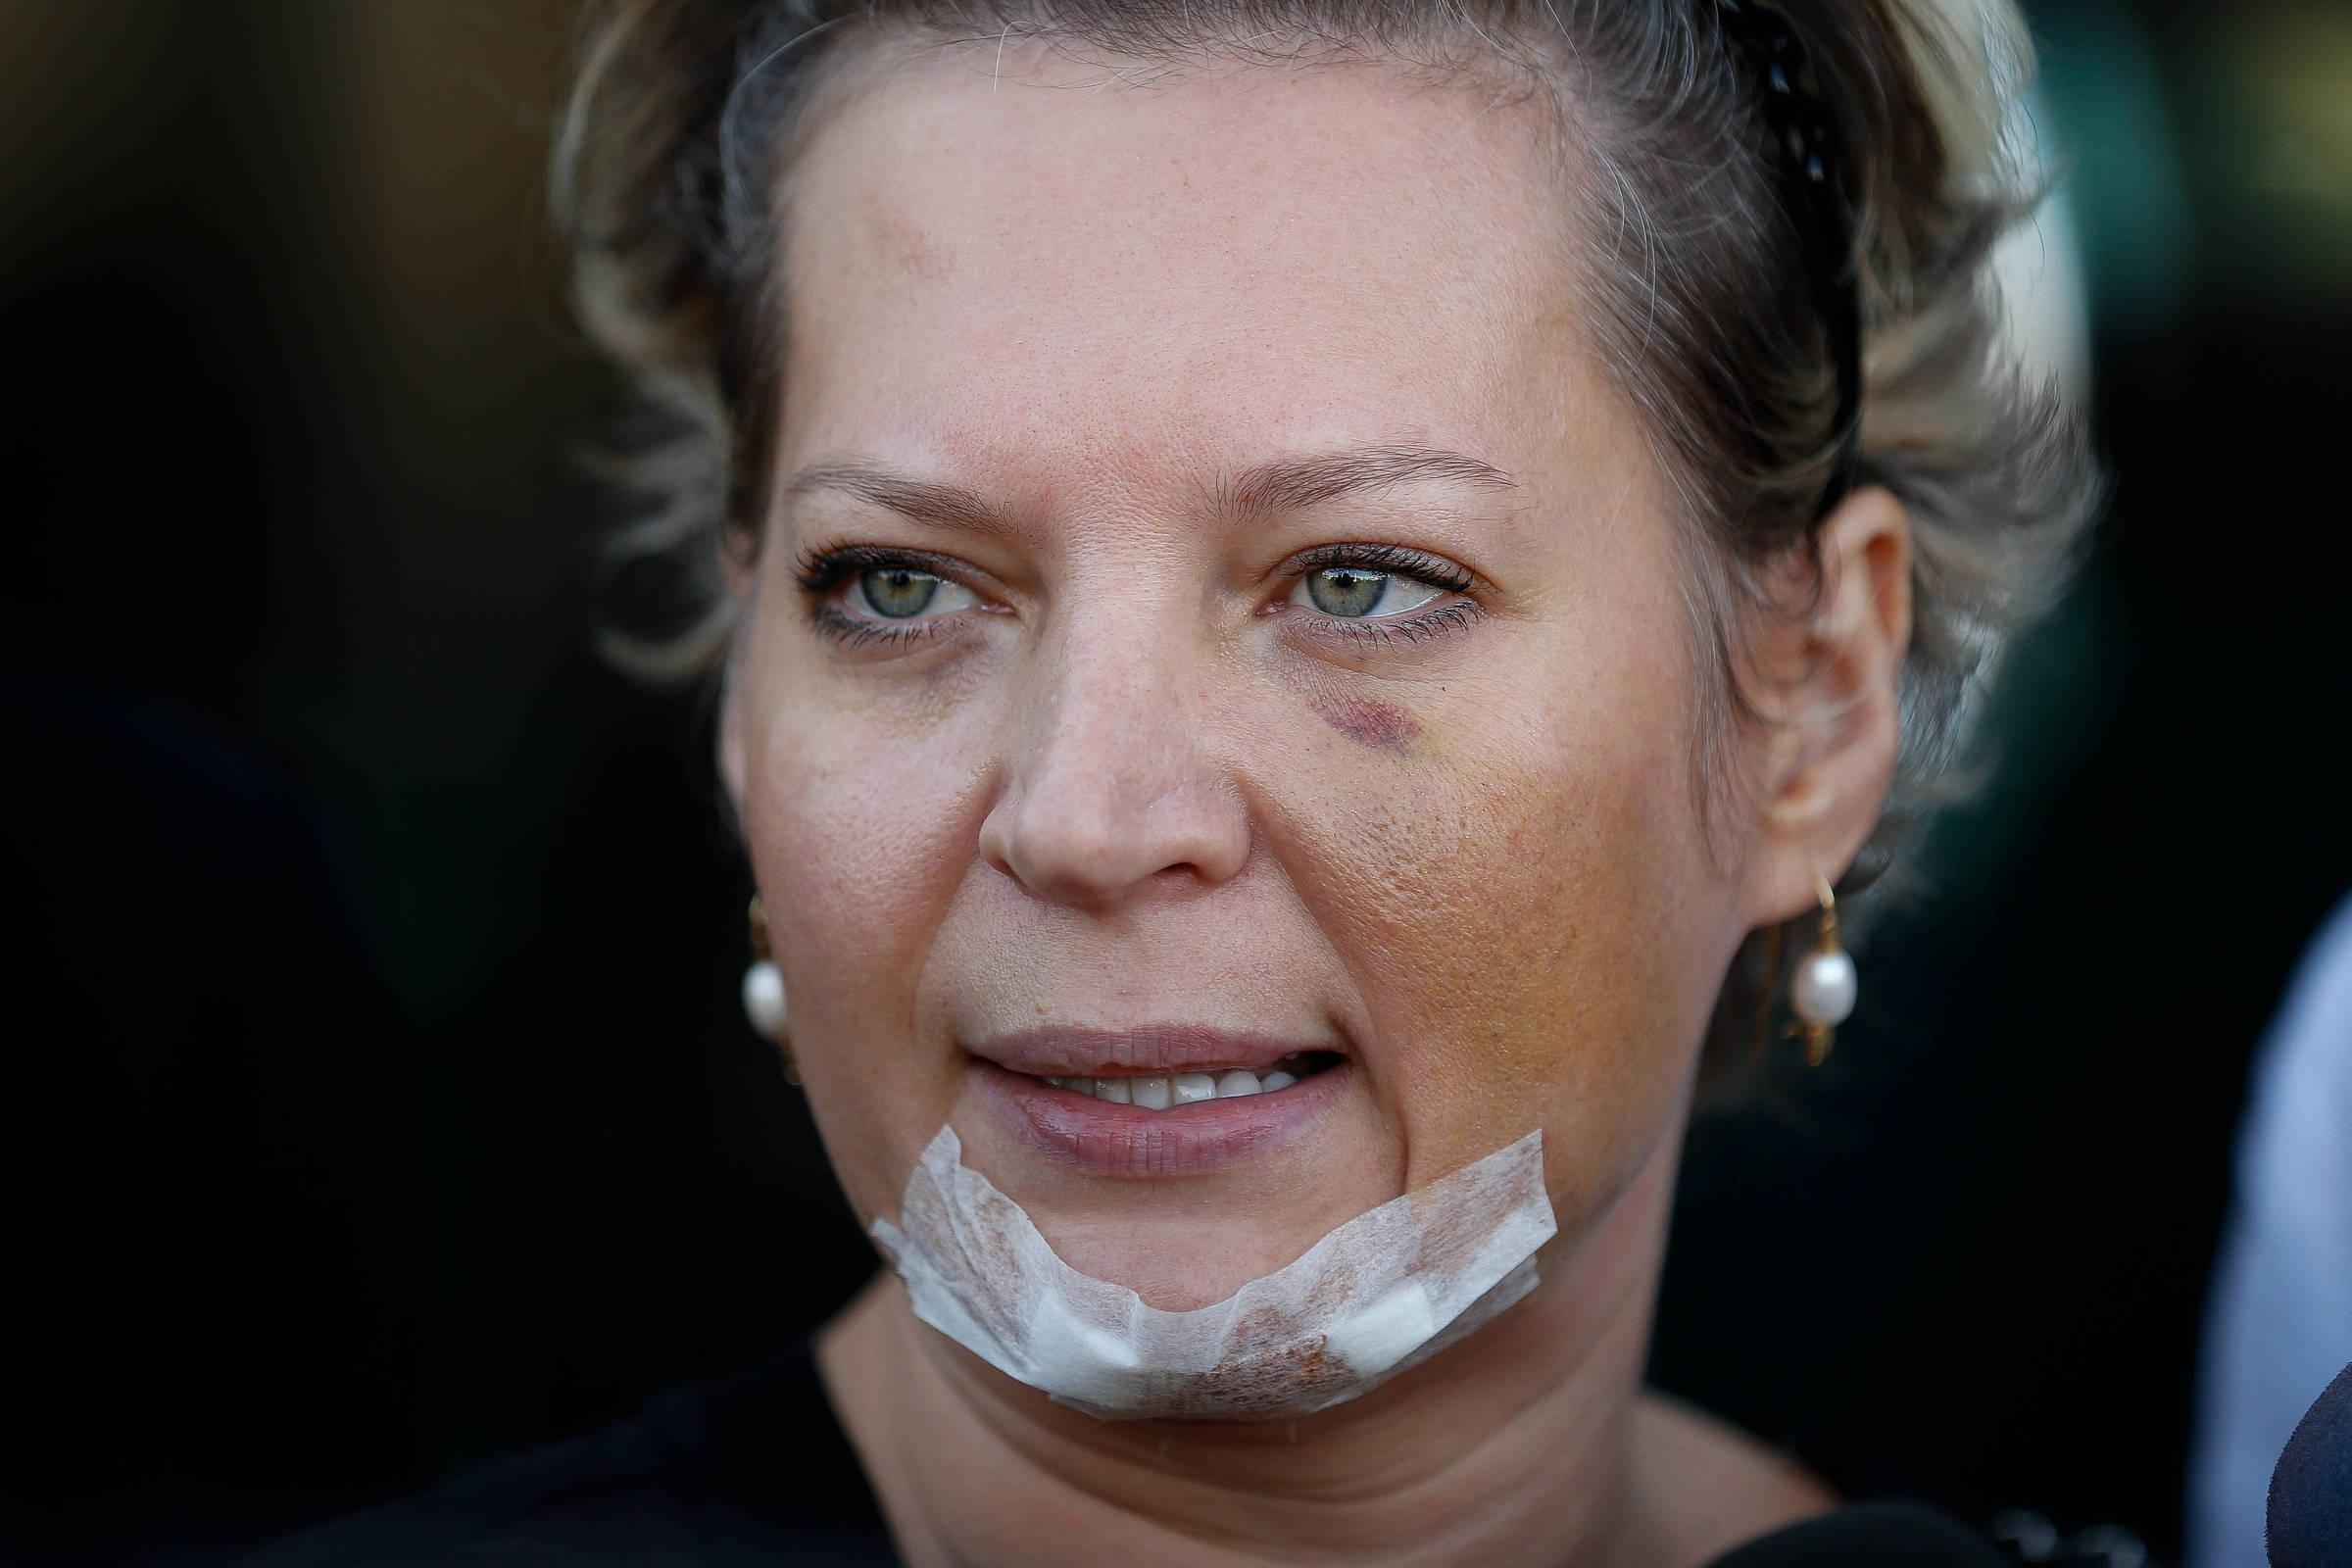 Em depoimento sobre ferimentos, Joice critica Heleno e diz não confiar na PF